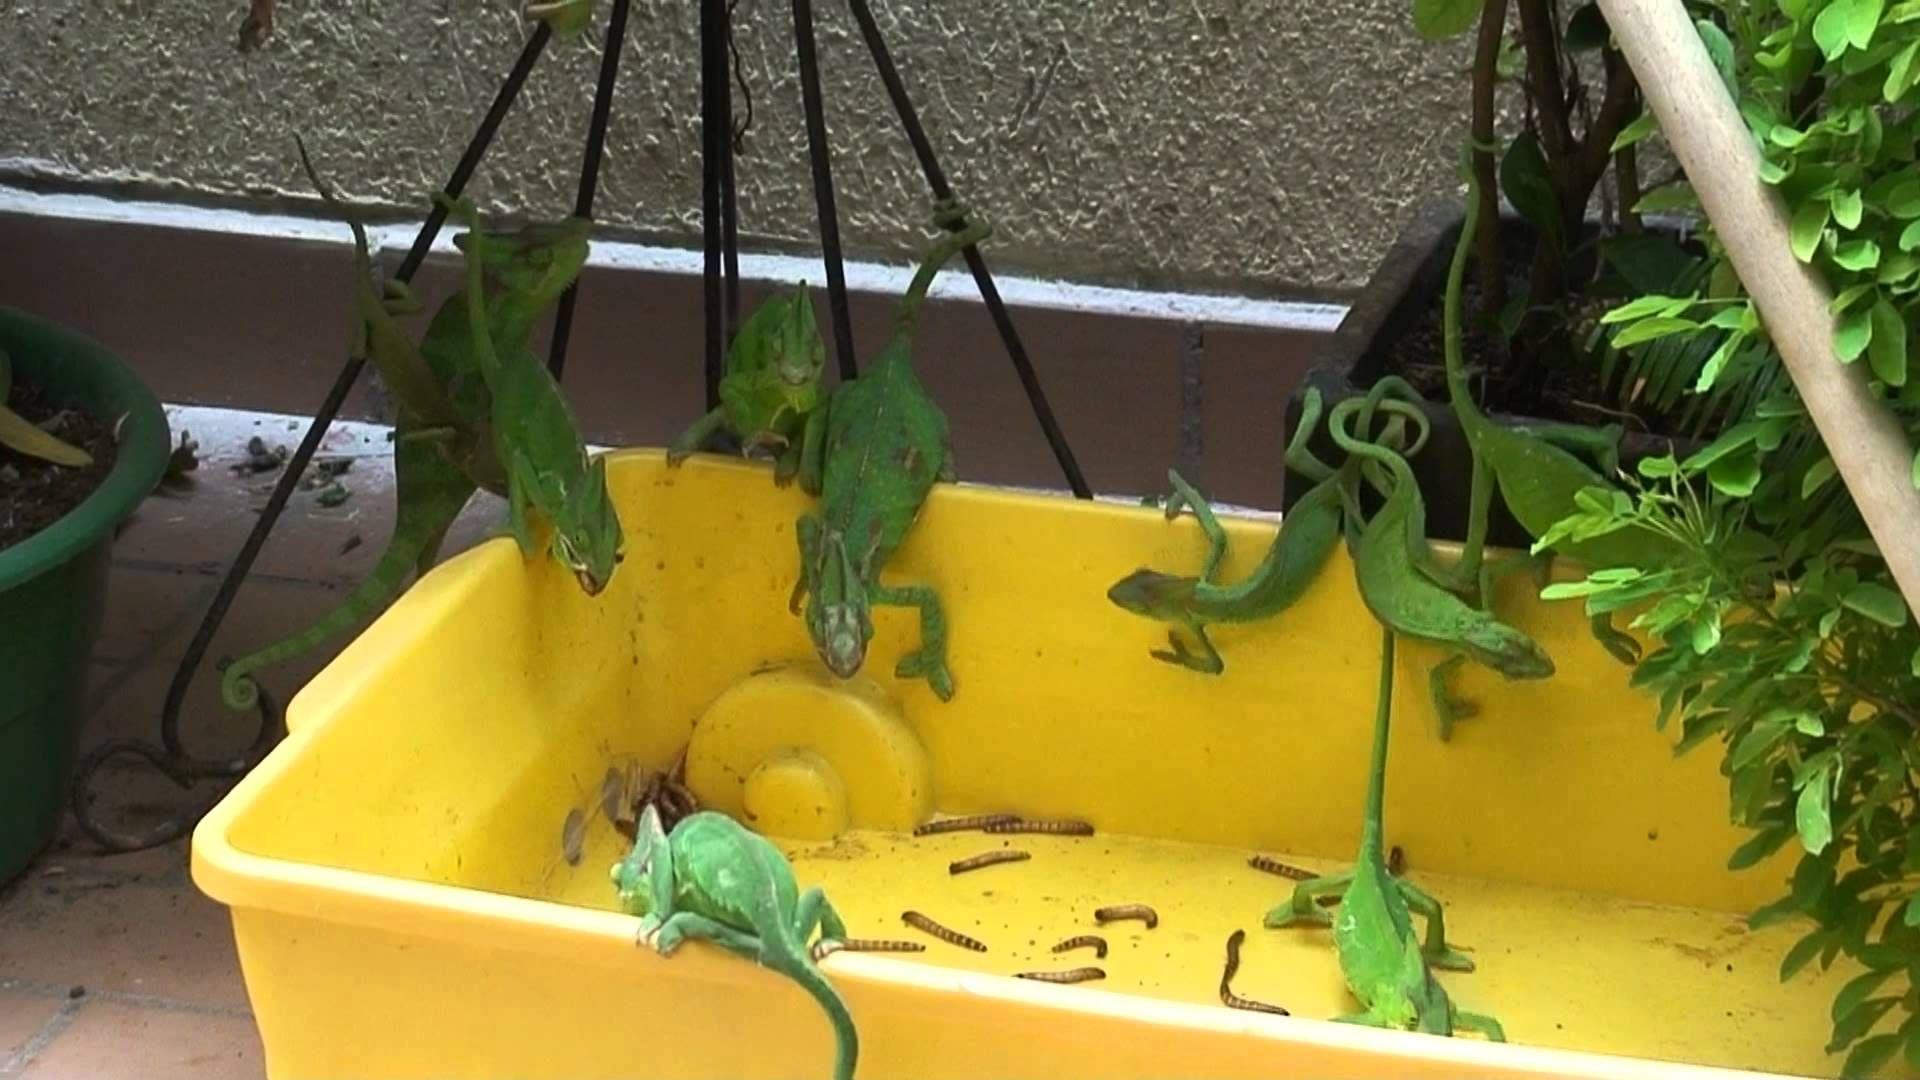 Chameleon Feeding Frenzy Female Veiled Chameleon Breeders Feeding On Super Worms Baby Chameleon Chameleon Veiled Chameleon